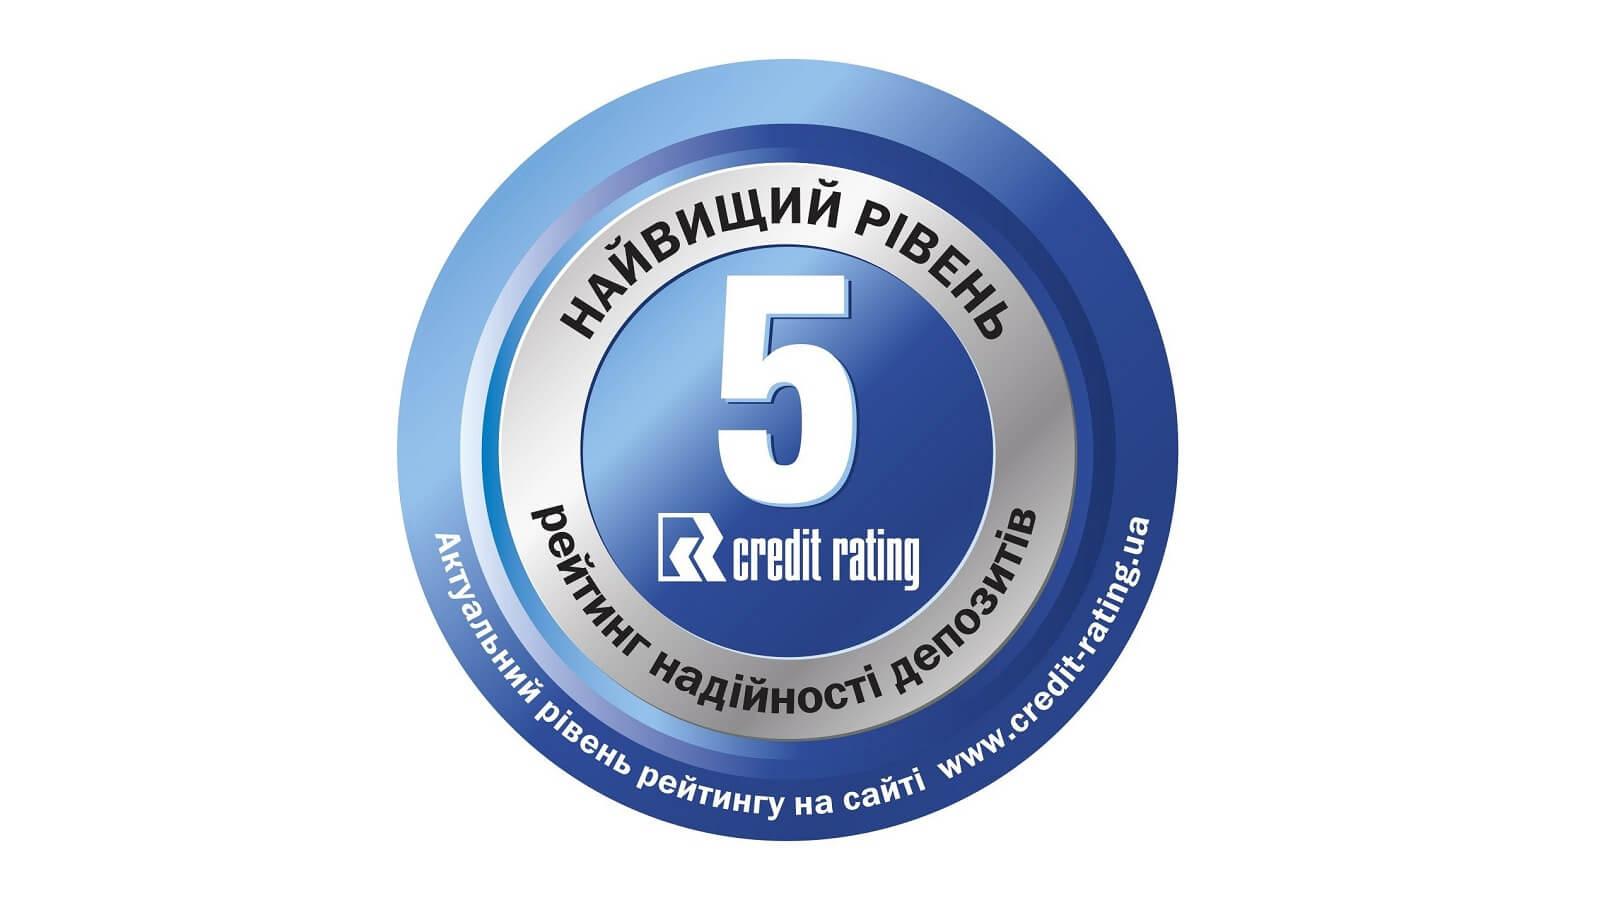 """Кредитний рейтинг ПАТ """"МТБ БАНК"""" підтверджено на рівні uaАА - фото - mtb.ua"""